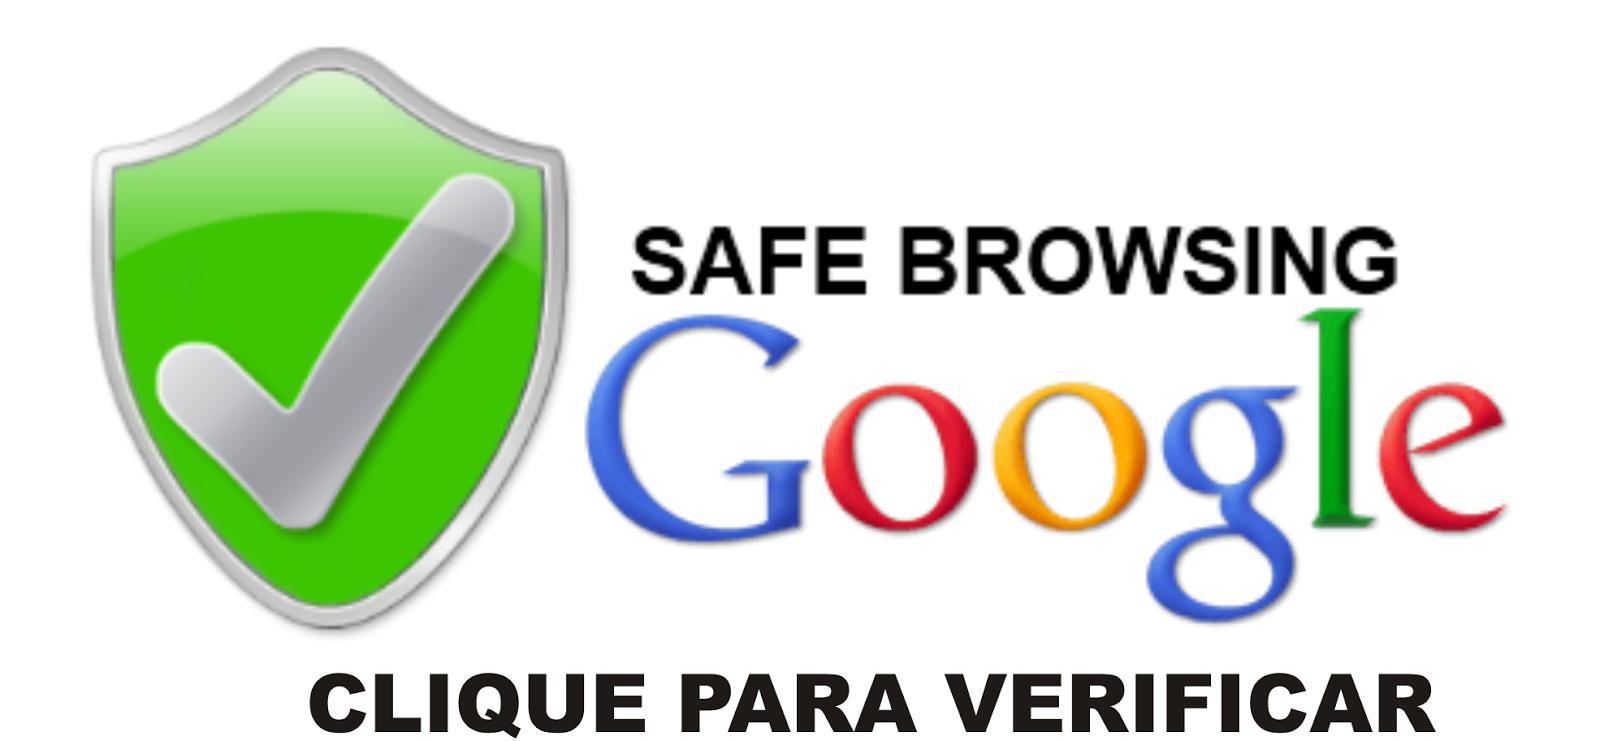 Site seguro: